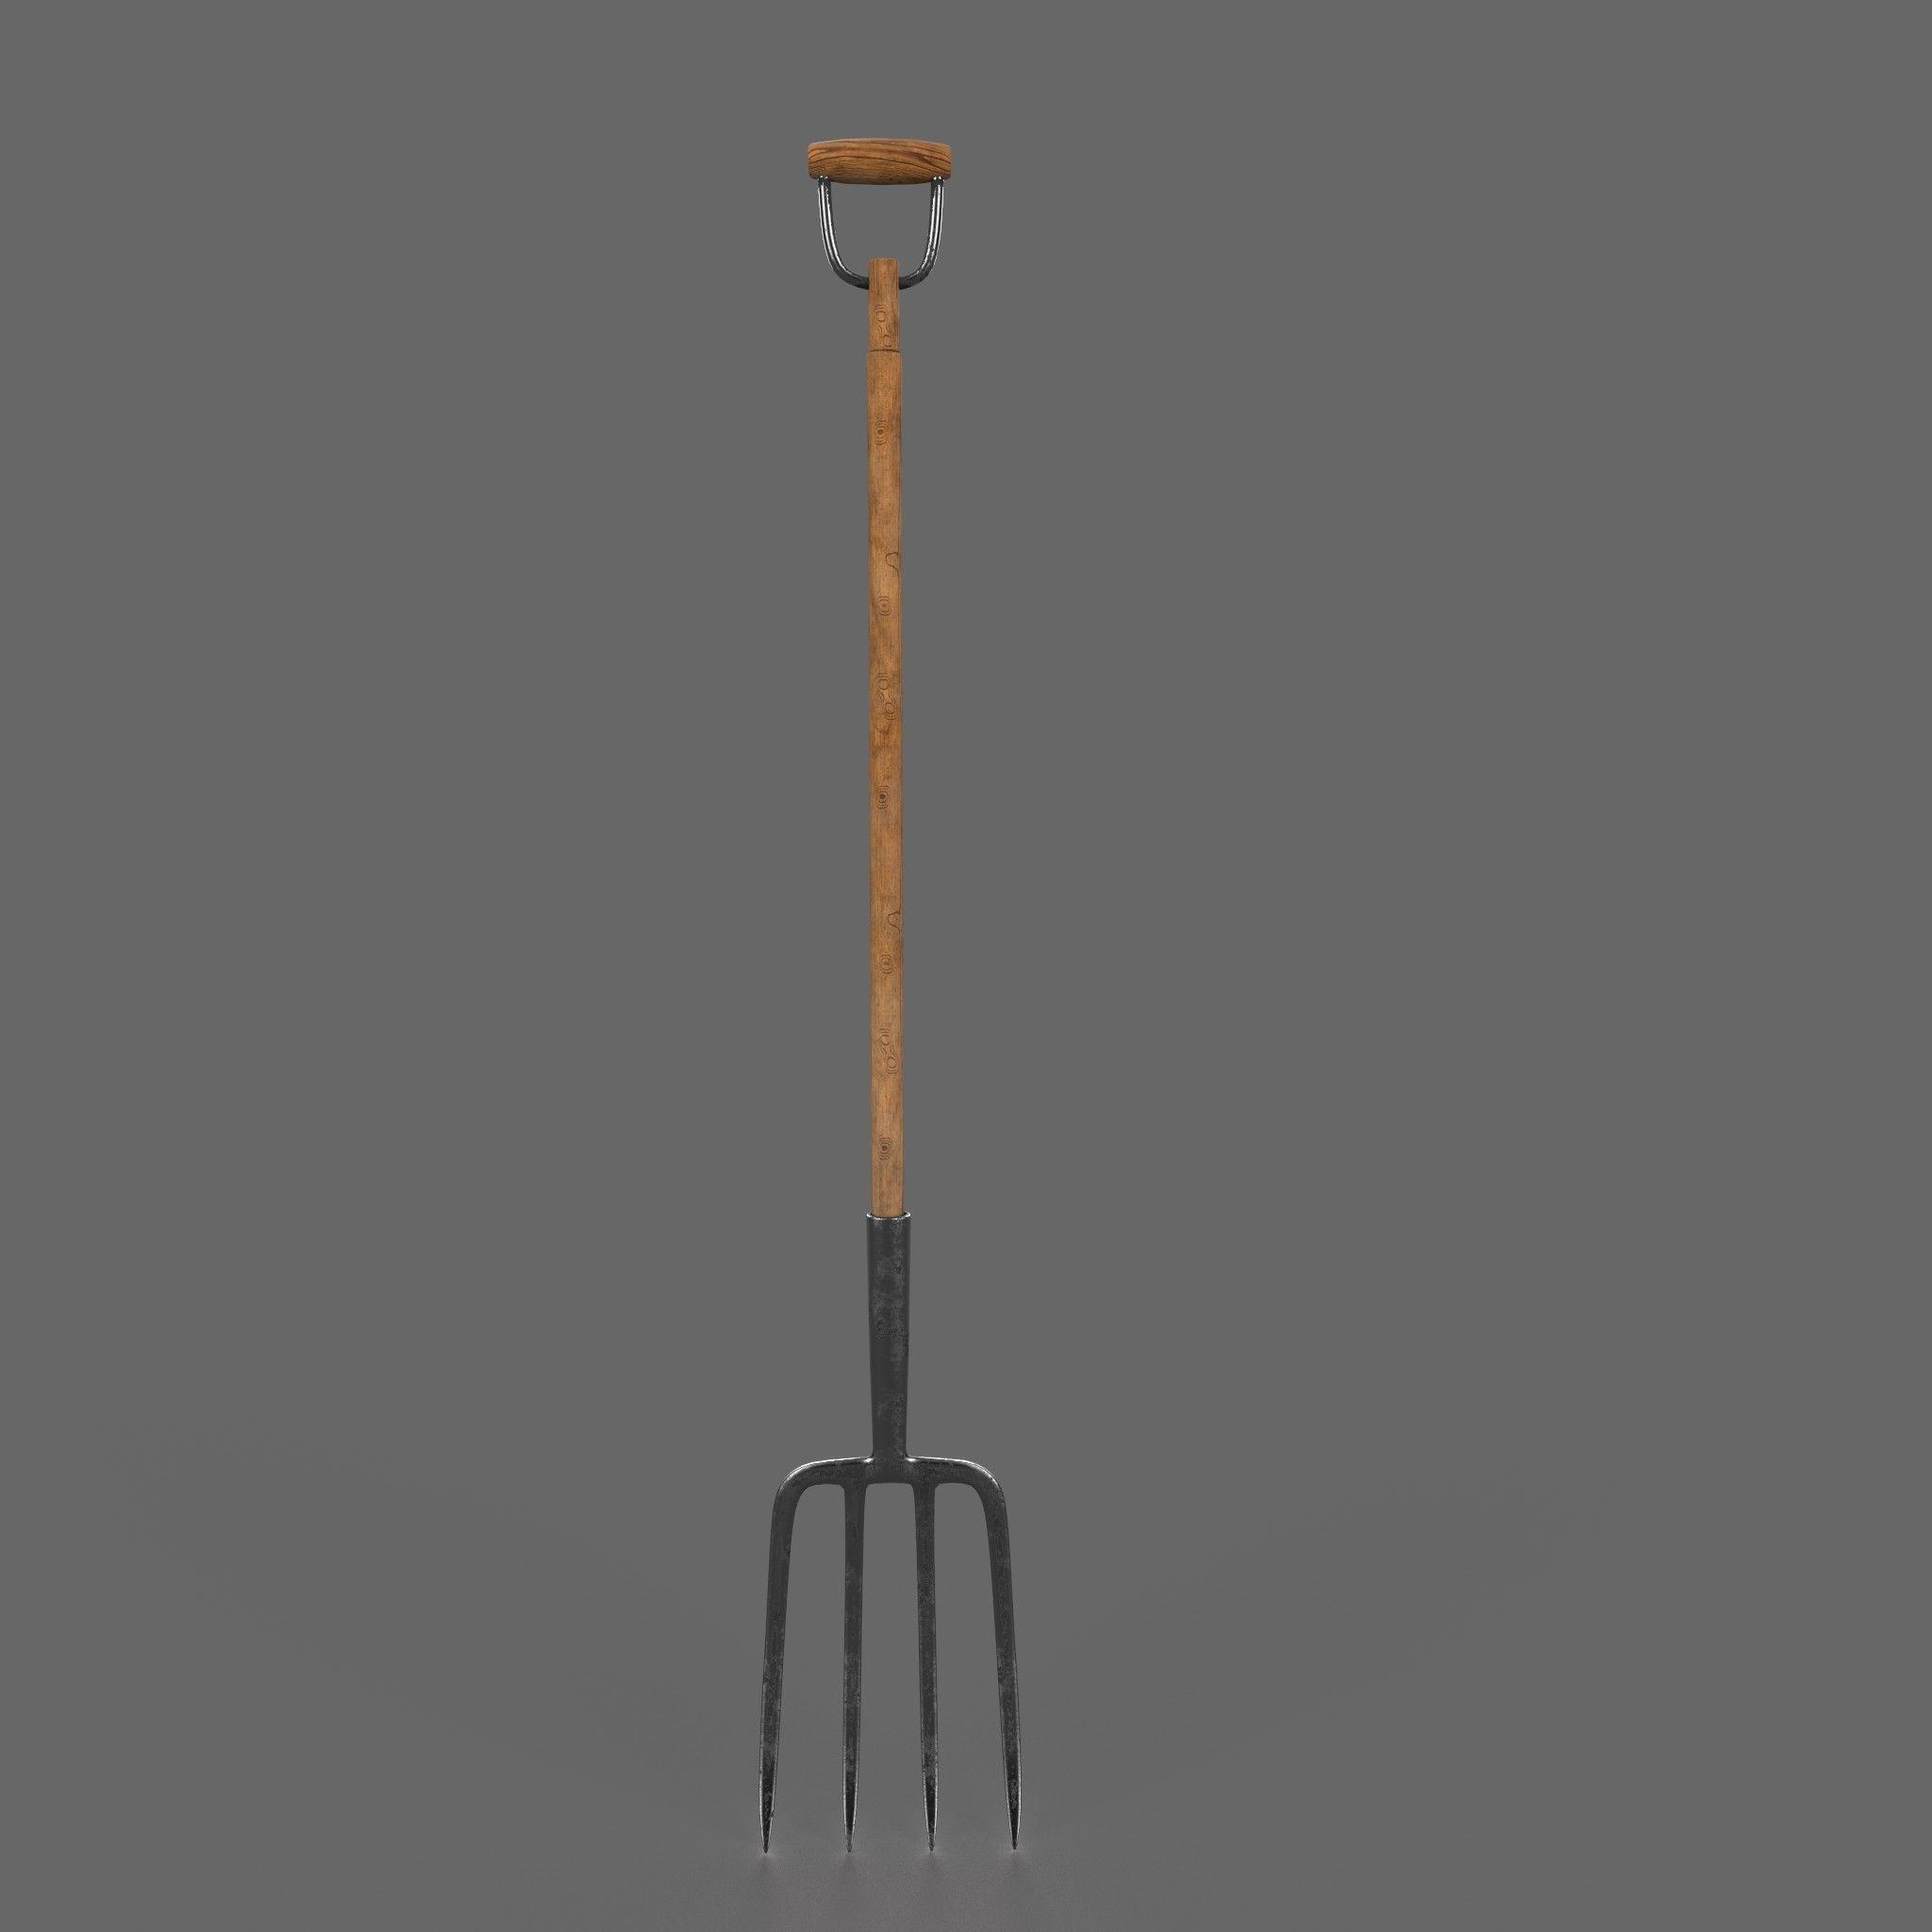 Pitchfork Farming Tools